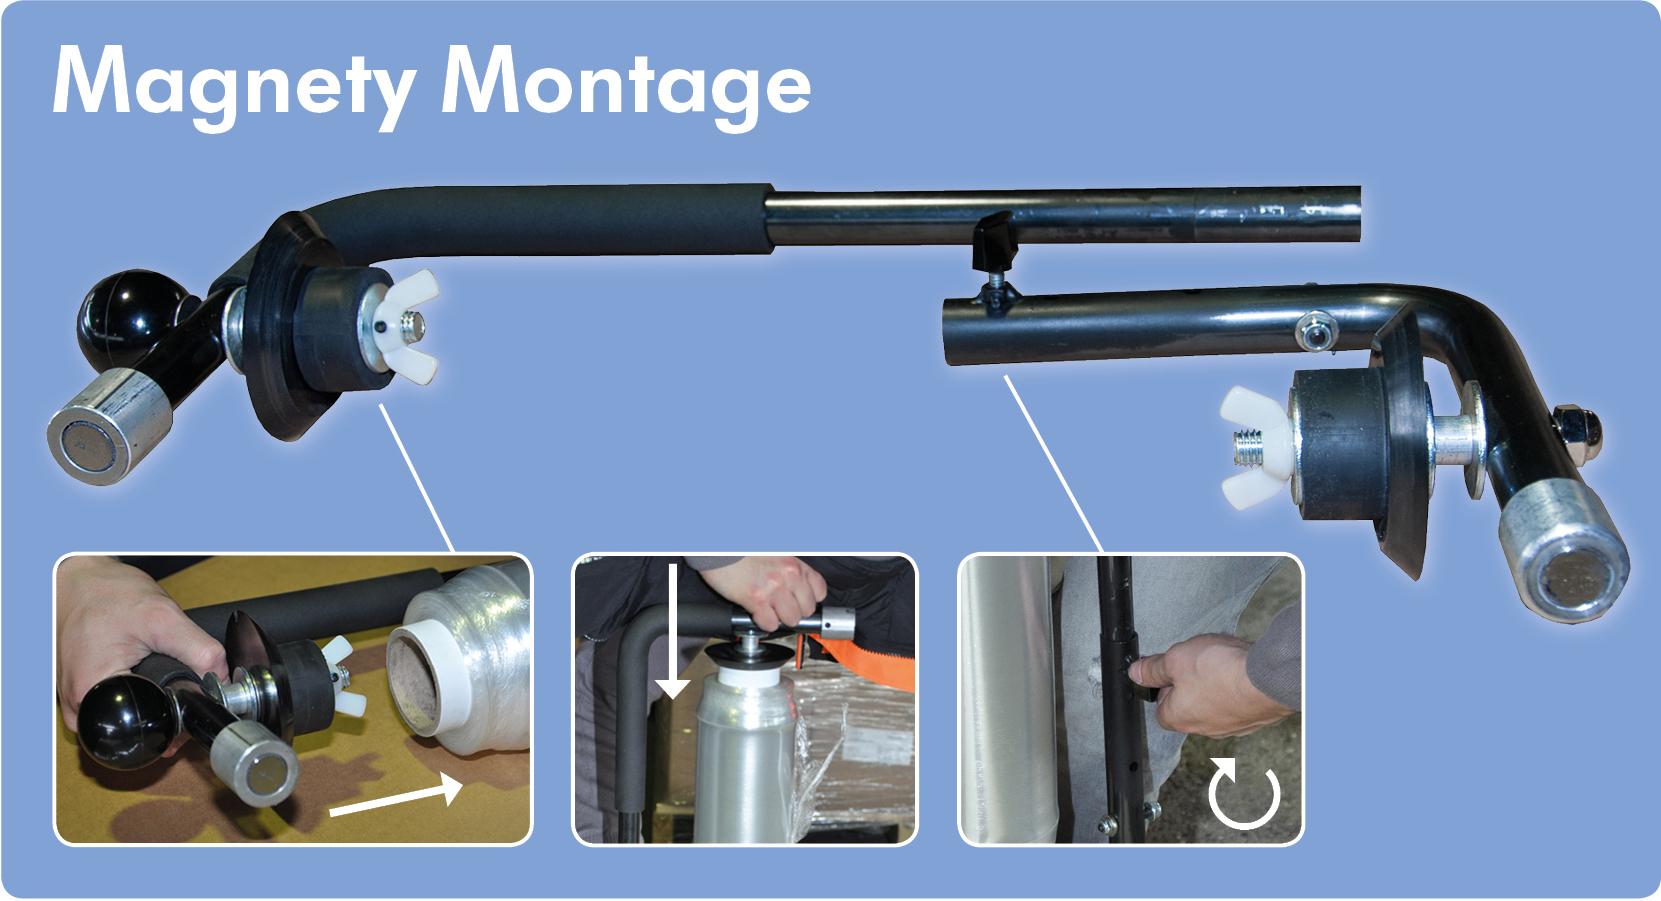 Magnety der Stretchfolienabroller ist schnell und leicht zu montieren.